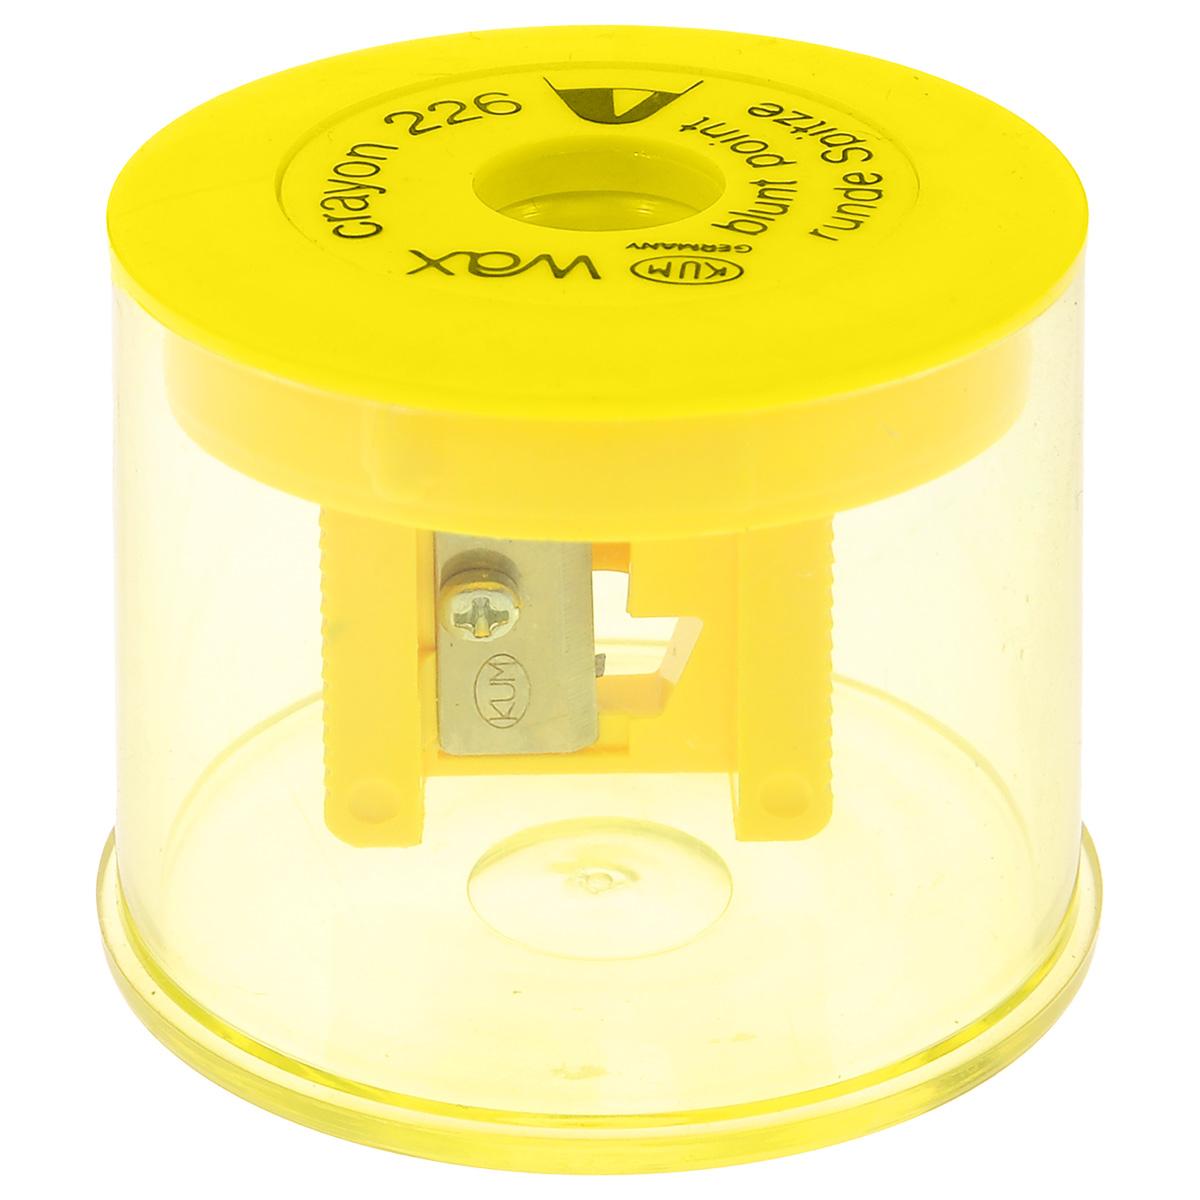 Точилка с контейнером Kum, для восковых мелков, цвет: желтыйK-226WaxTТочилка Kum предназначена для затачивания восковых мелков. Изделие выполнено в виде пластикового контейнера желтого цвета с точилкой на крышке. Точилка с одним отверстием диаметром 11 мм аккуратно затачивает мелок, не повреждая и не ломая его.Точилка Kum станет важной канцелярской принадлежностью на каждом рабочем столе.